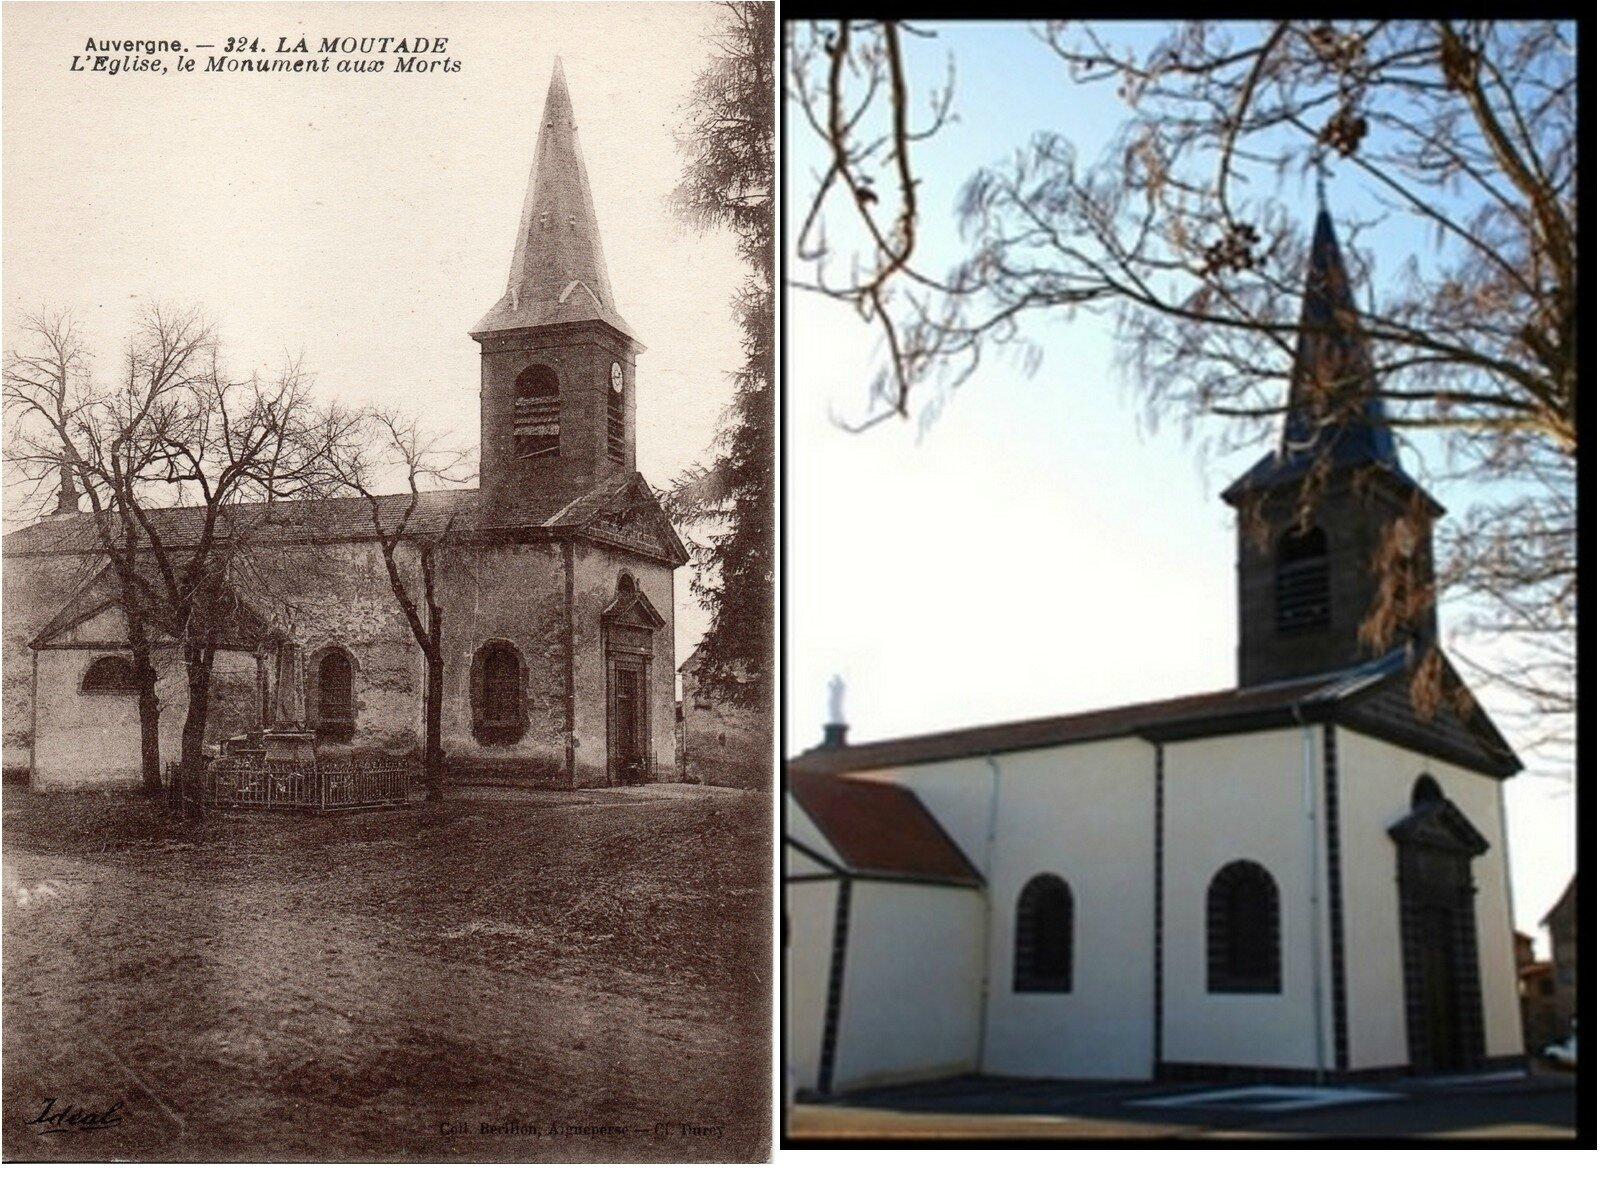 Eglise avant-après